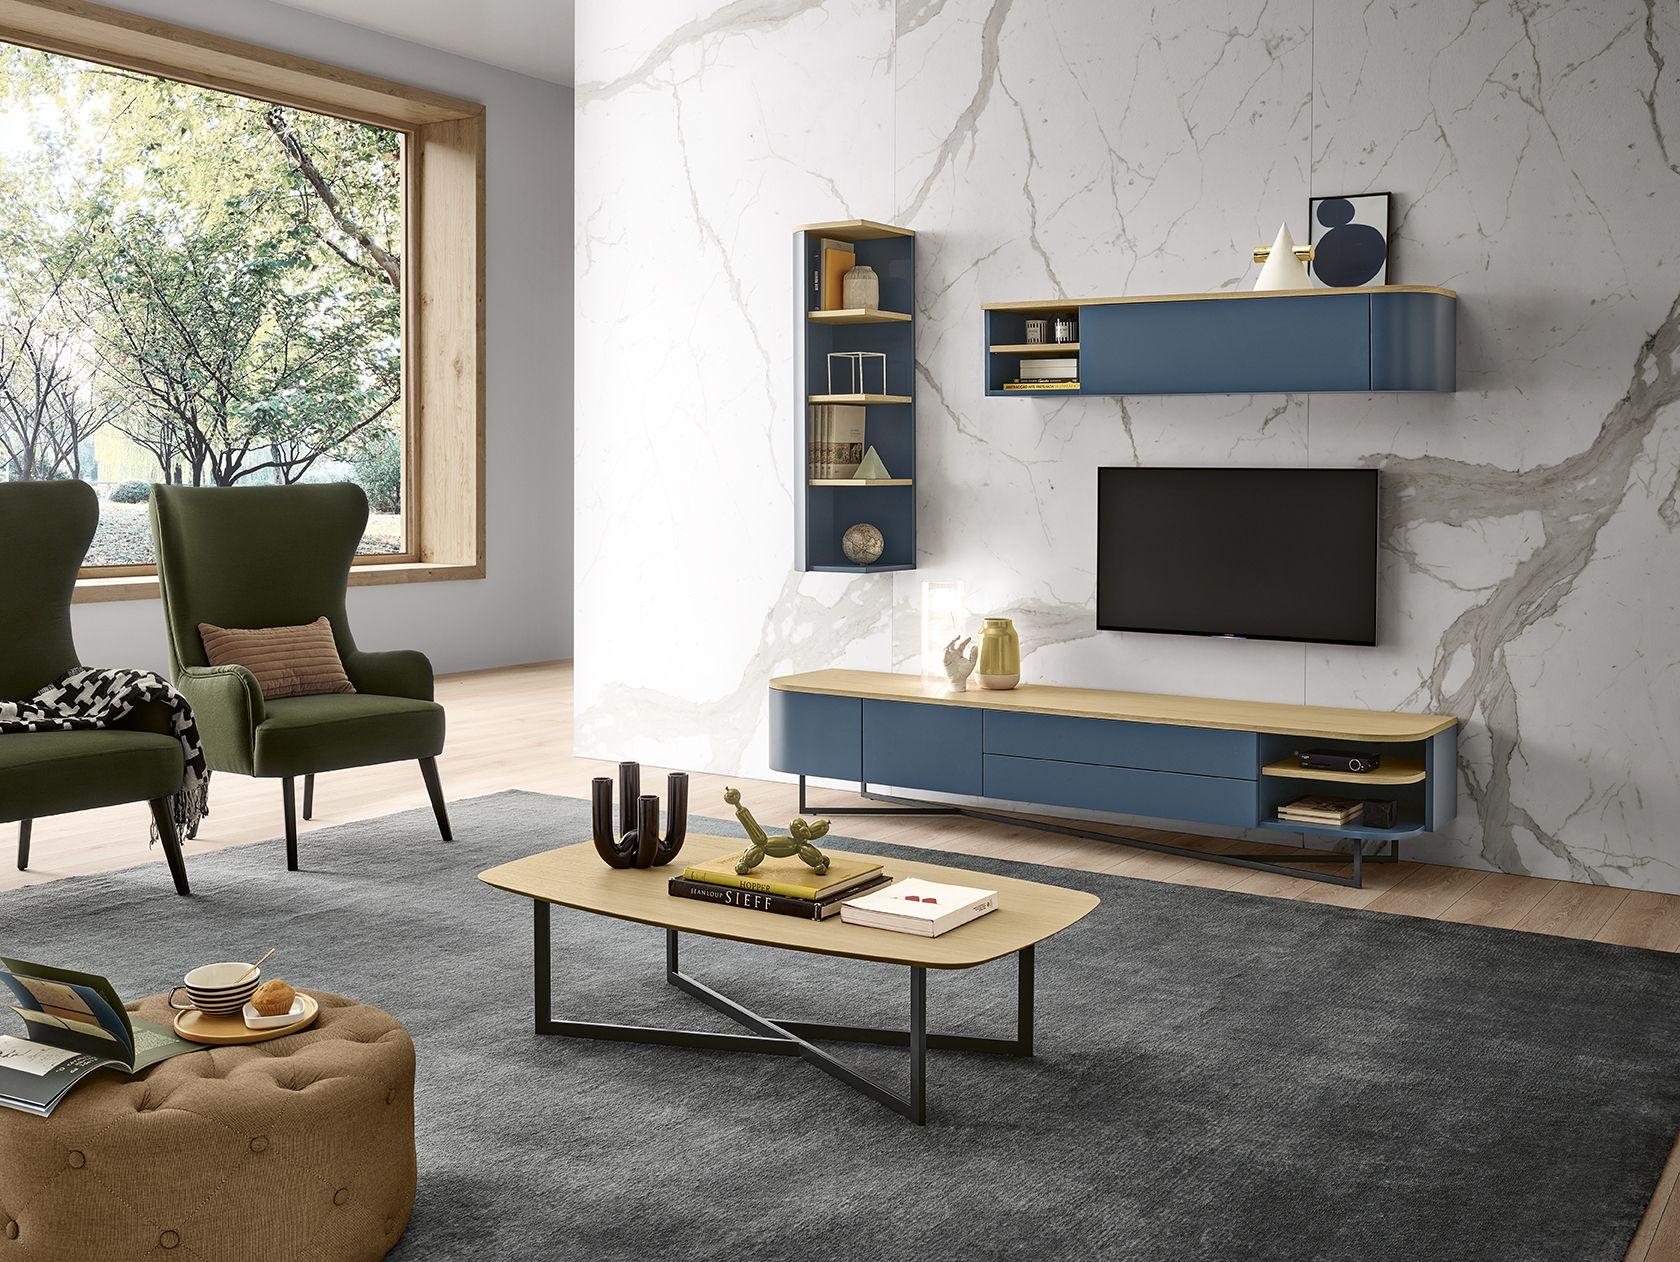 Sala de estar contemporânea em azul e verde